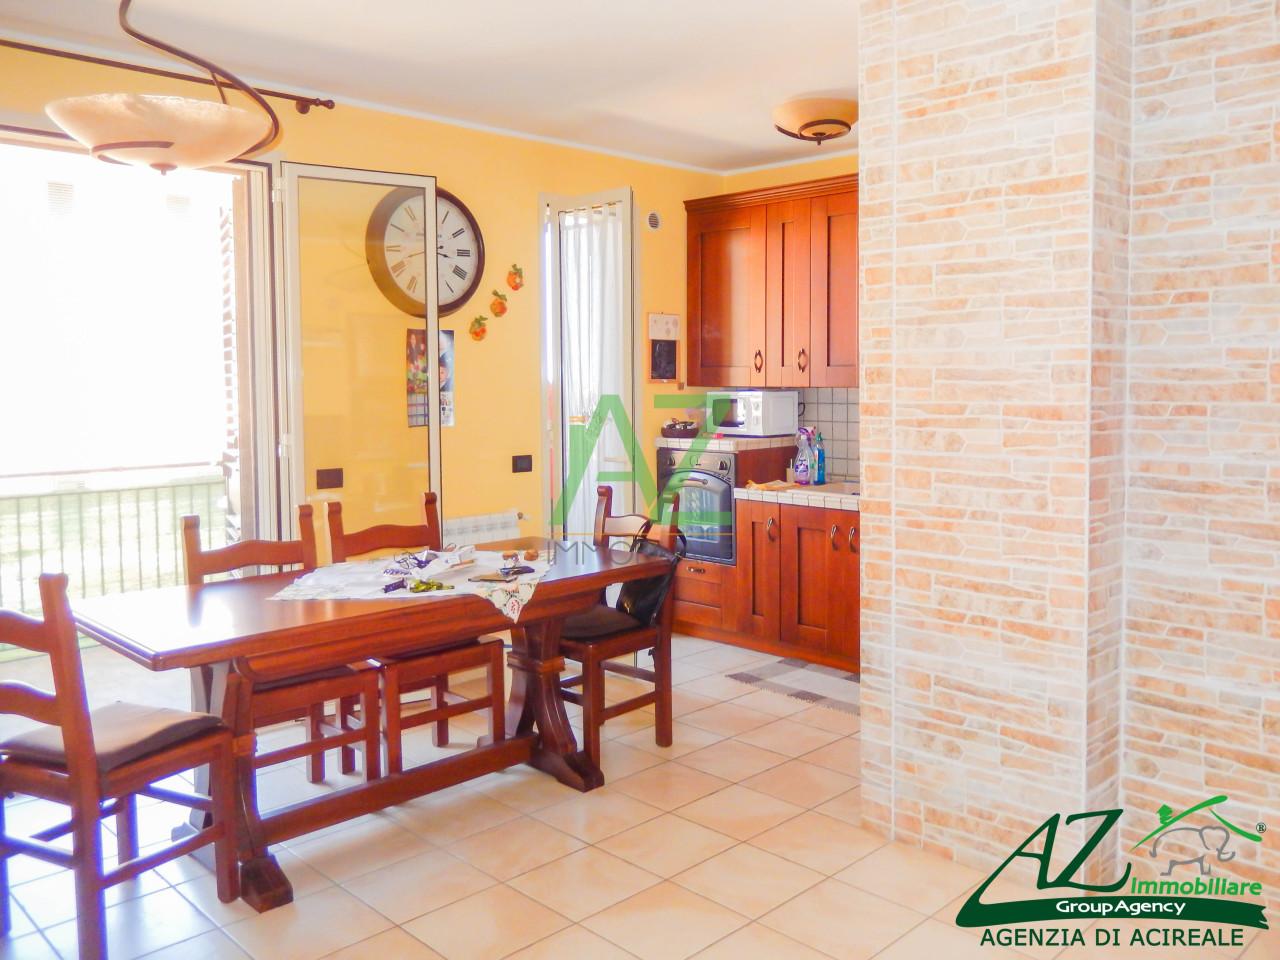 Appartamento in vendita a Acireale, 3 locali, prezzo € 138.000 | Cambio Casa.it